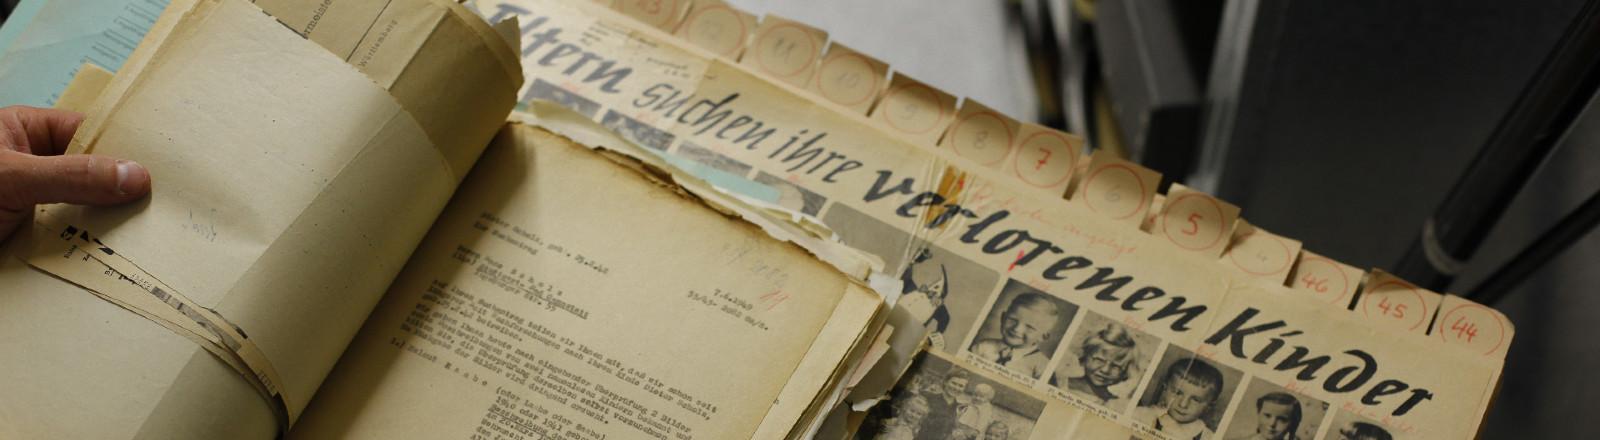 DRK - Suchdienst München: Steckbrief des nach dem Luftangriff auf Dresden am 13. Februar 1945 vermissten Kindes Dieter Scholz und Informationen über den möglichen Verbleib - 2010